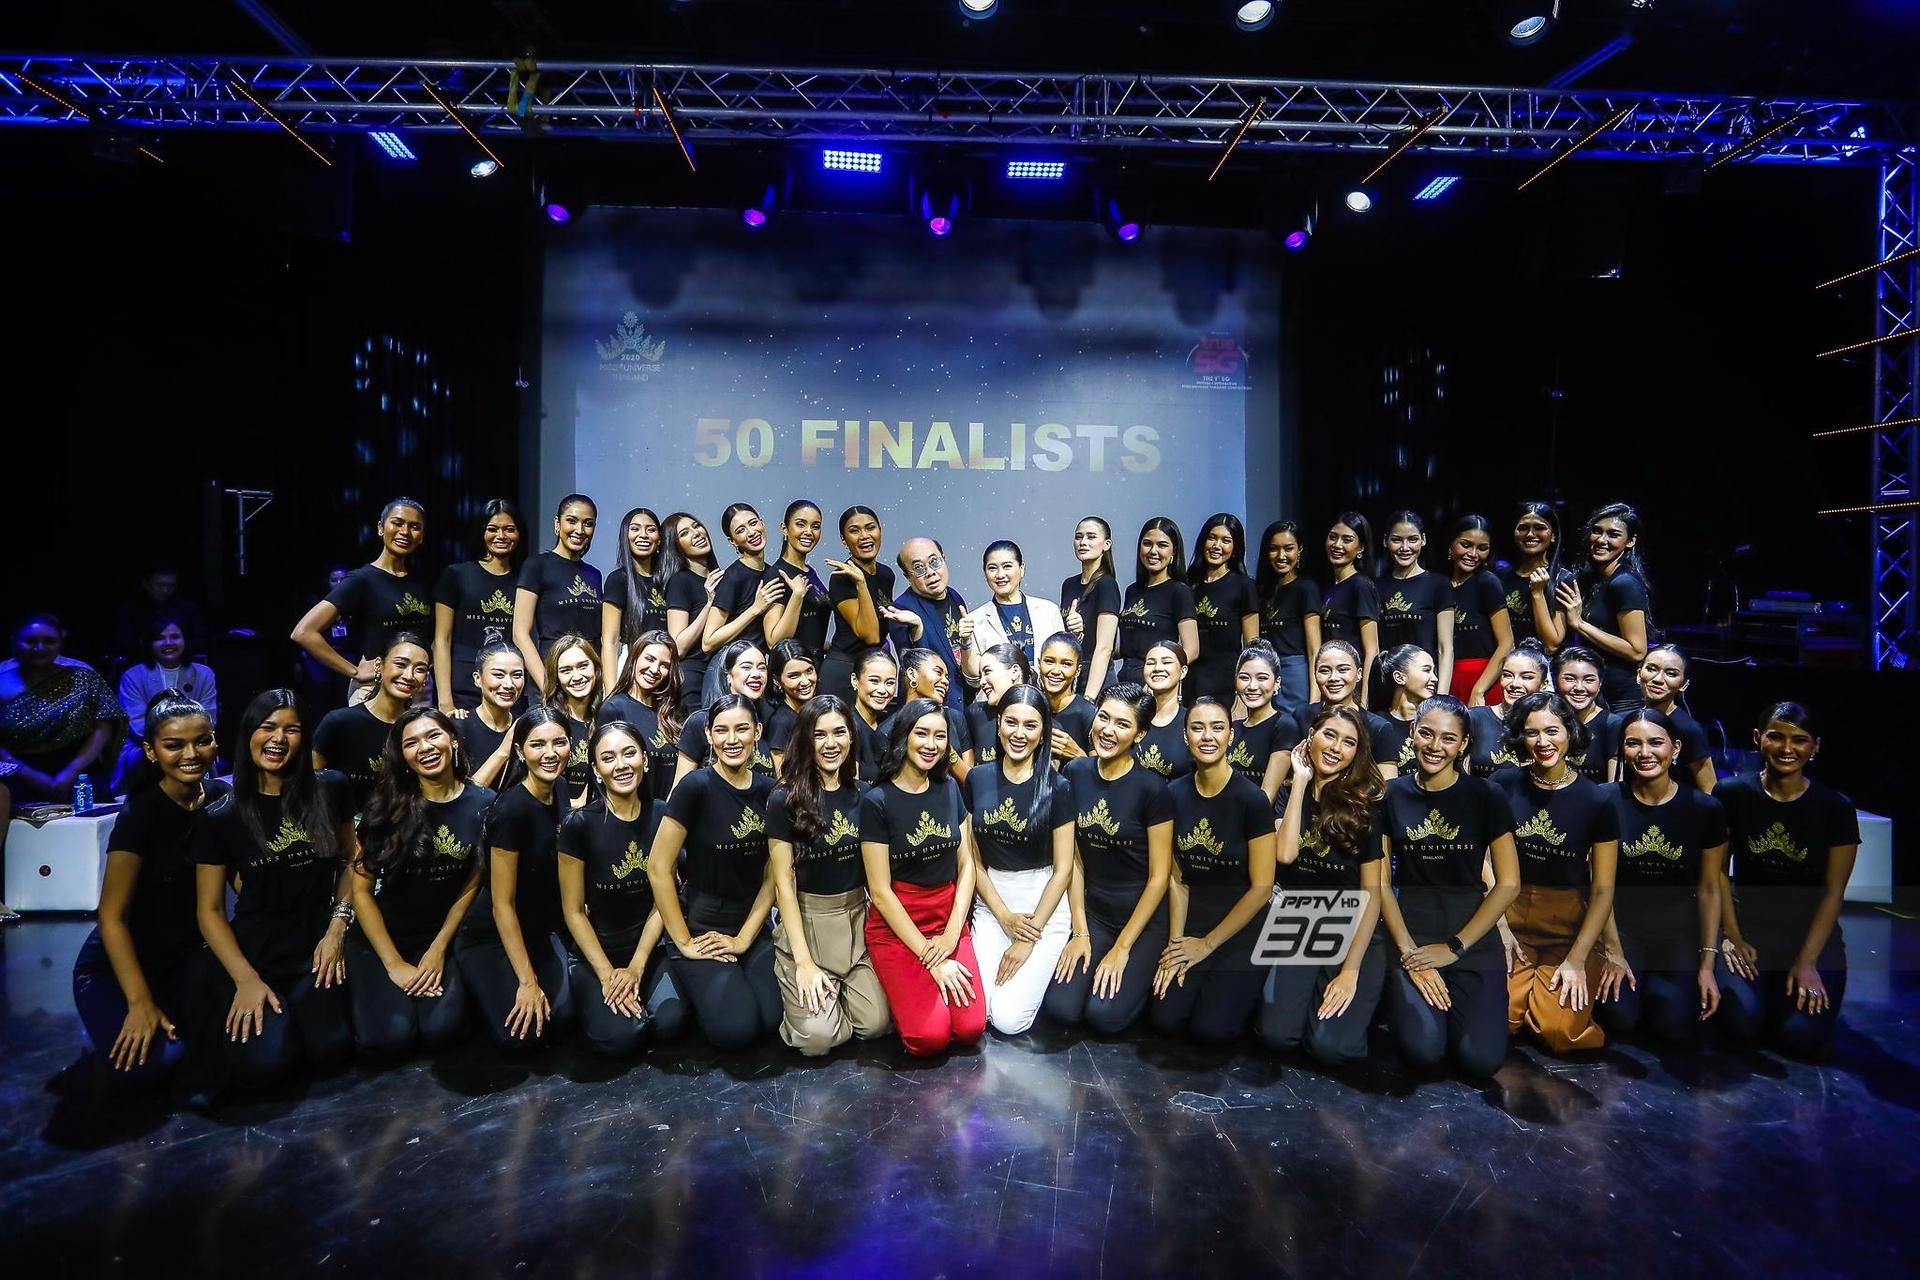 ปังไม่ไหว! 50 คนสุดท้าย Miss Universe Thailand 2020